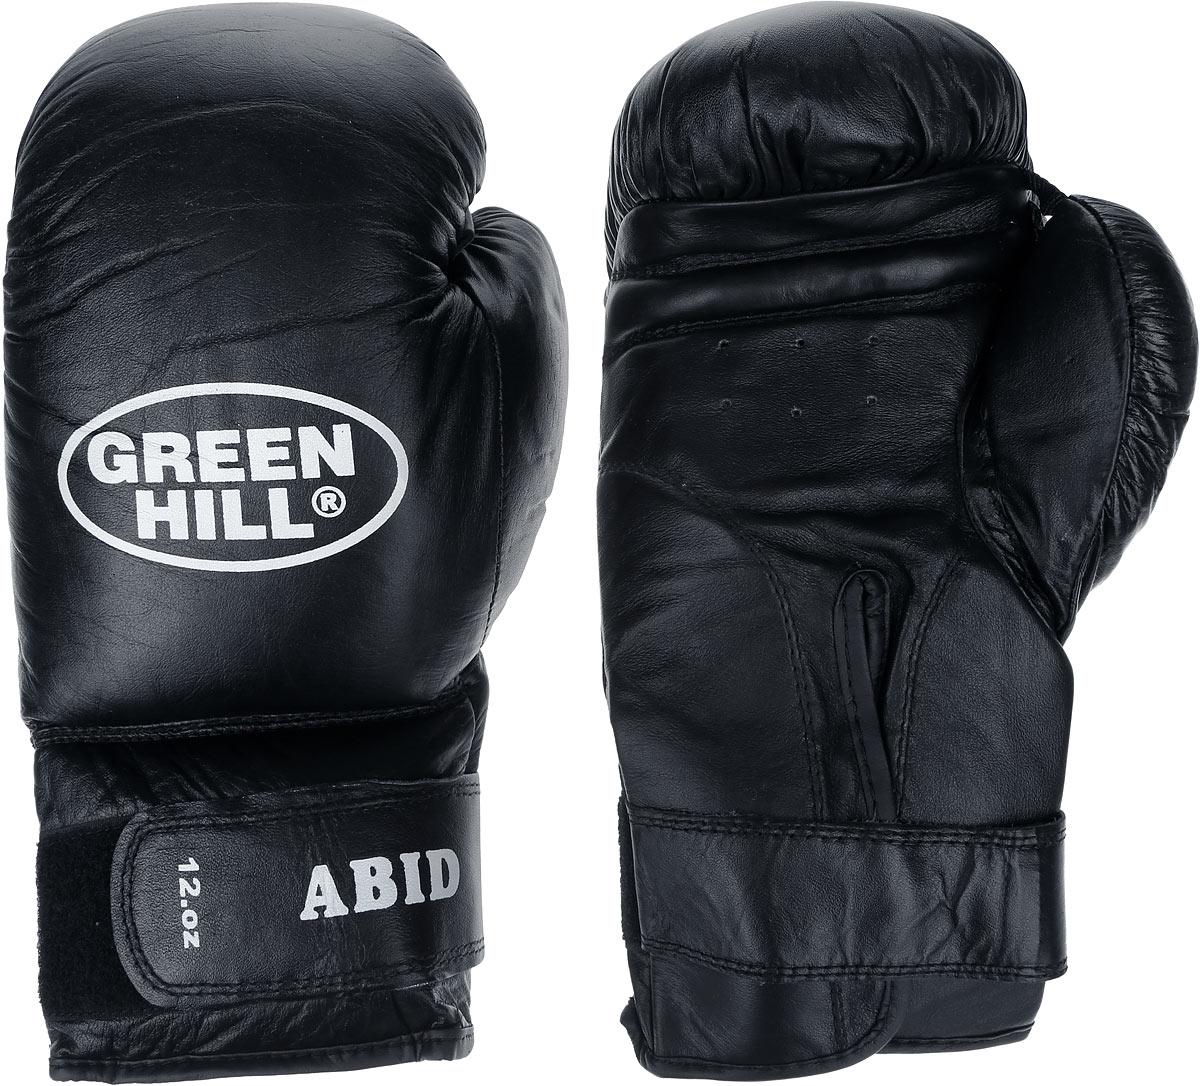 Перчатки боксерские Green Hill Abid, цвет: черный, белый. Вес 12 унцийG-2024312Боксерские тренировочные перчатки Green Hill Abid выполнены из натуральной кожи. Они отлично подойдут для начинающих спортсменов. Мягкий наполнитель из очеса предотвращает любые травмы. Отверстия в районе ладони обеспечивают вентиляцию. Широкий ремень, охватывая запястье, полностью оборачивается вокруг манжеты, благодаря чему создается дополнительная защита лучезапястного сустава от травмирования. Застежка на липучке способствует быстрому и удобному одеванию перчаток, плотно фиксирует перчатки на руке.